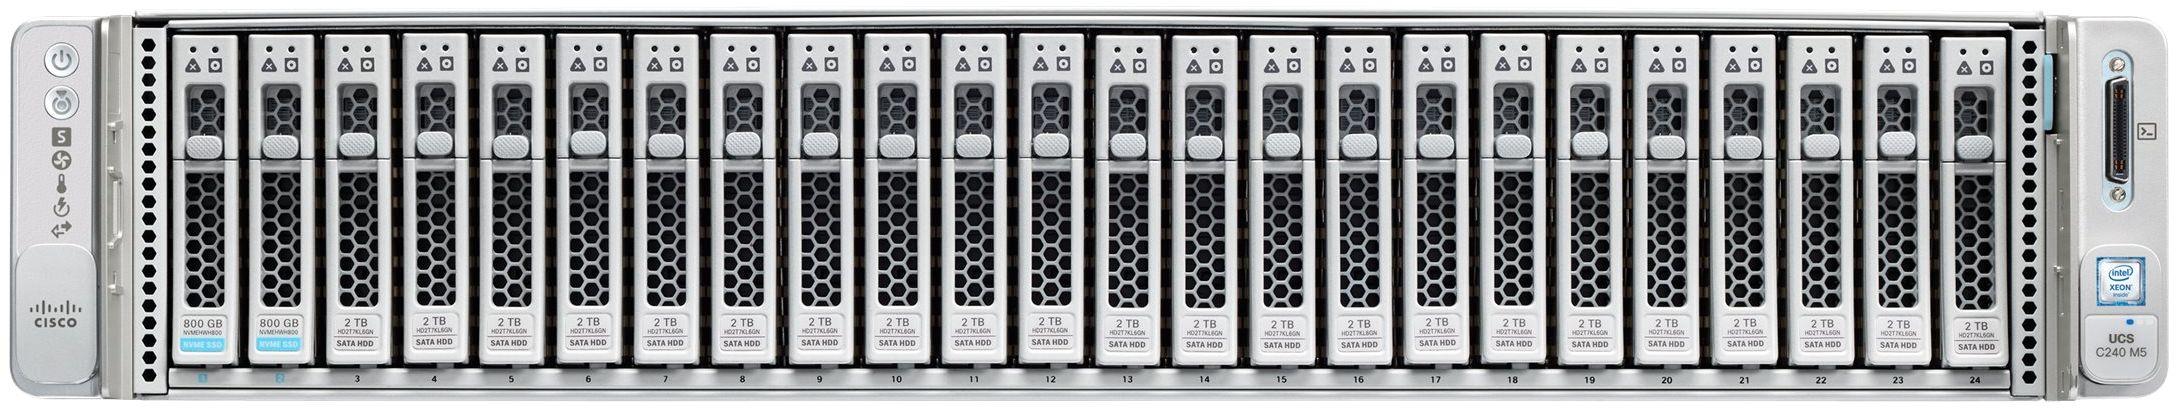 Cisco UCS C240 M5 24SFF